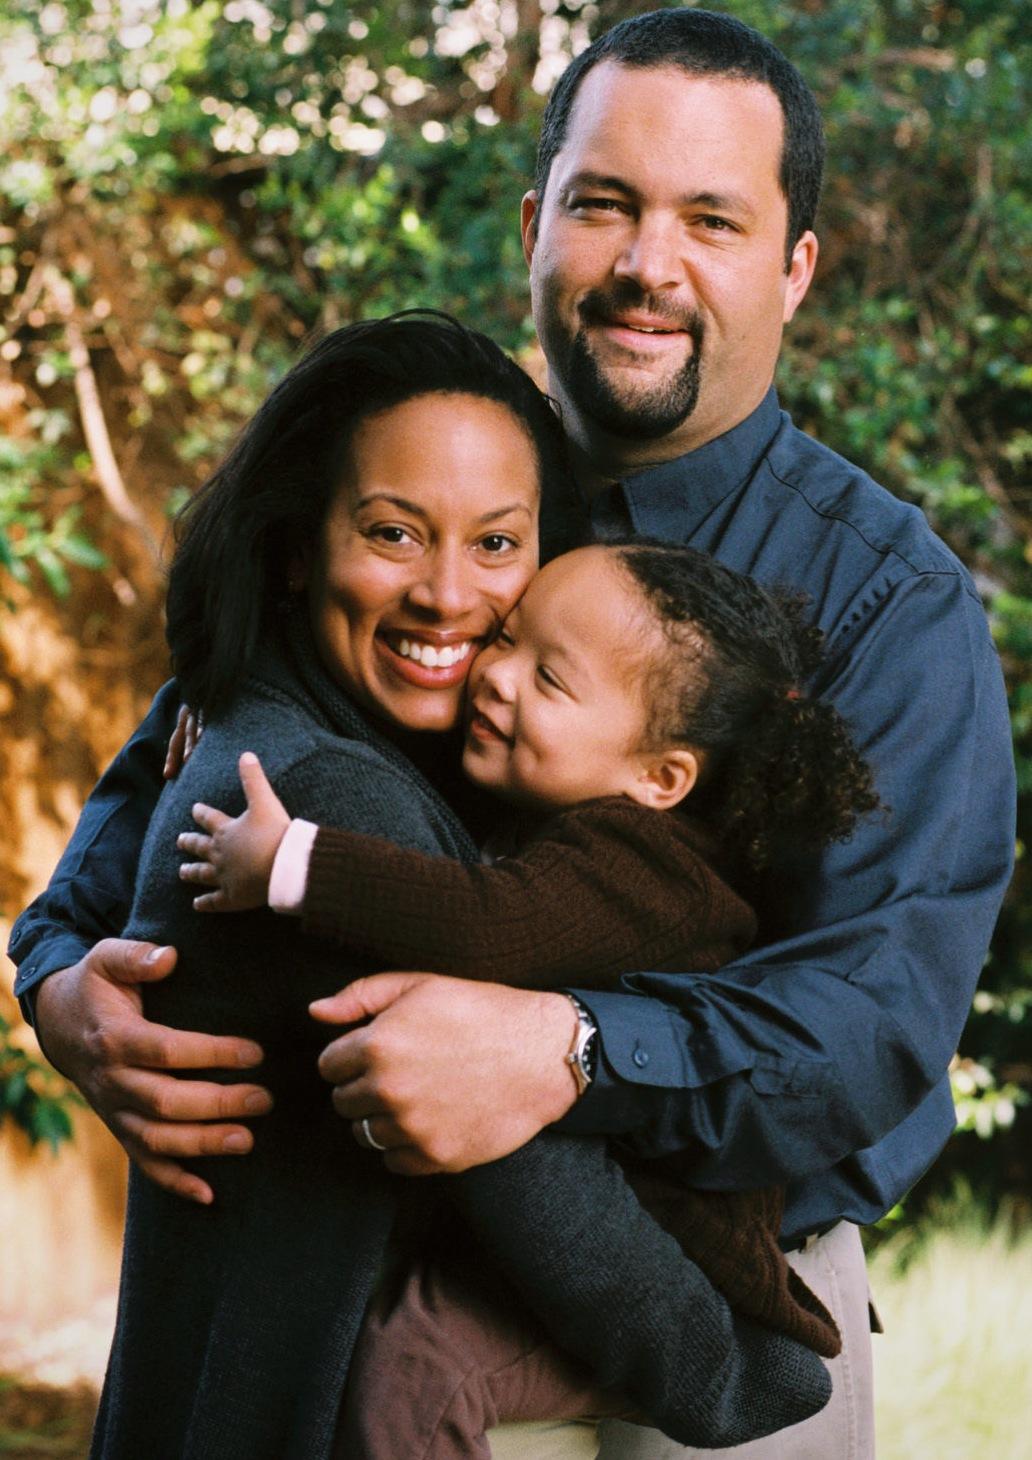 bentoddjealousfamily